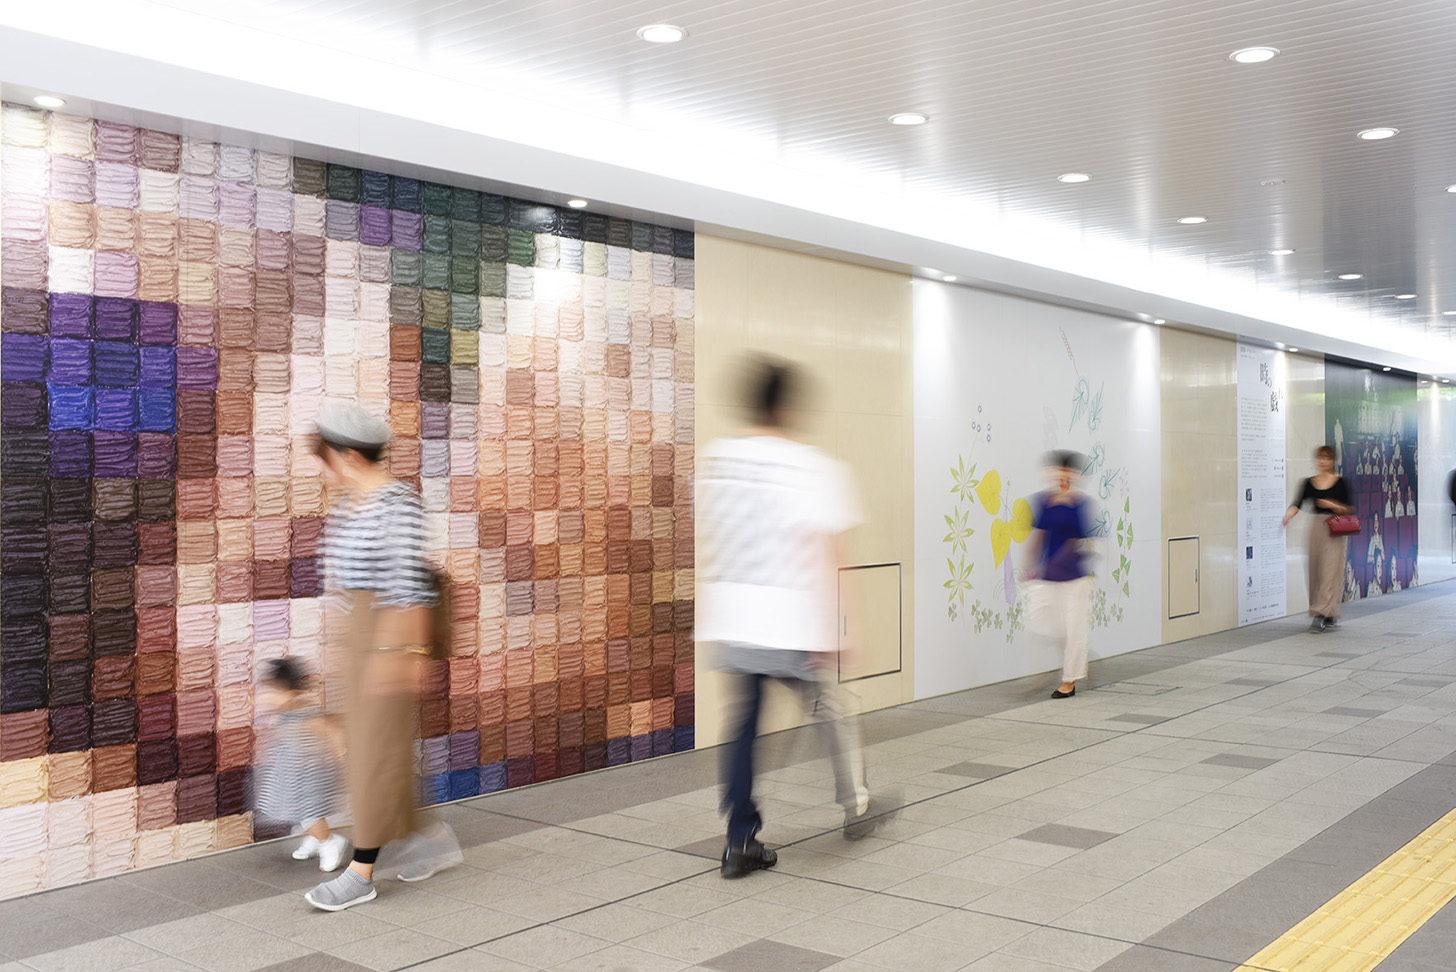 SOU-JR総持寺駅アートプロジェクト 第4回展示「時の戯れ」